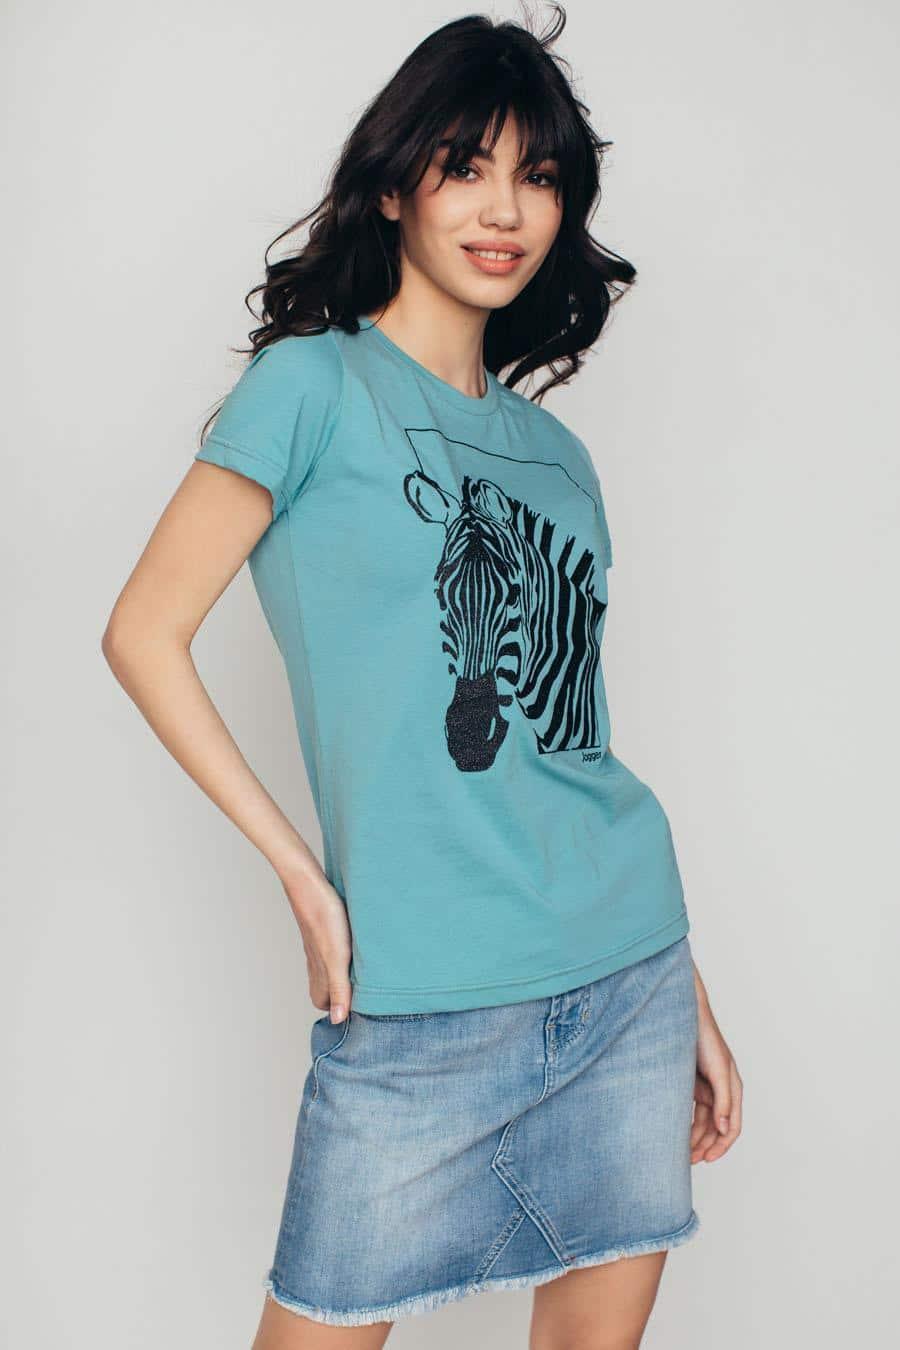 jagger zenska majica kolekcija prolece leto 2021 ss 2021 kupi online jg 8437 13 02